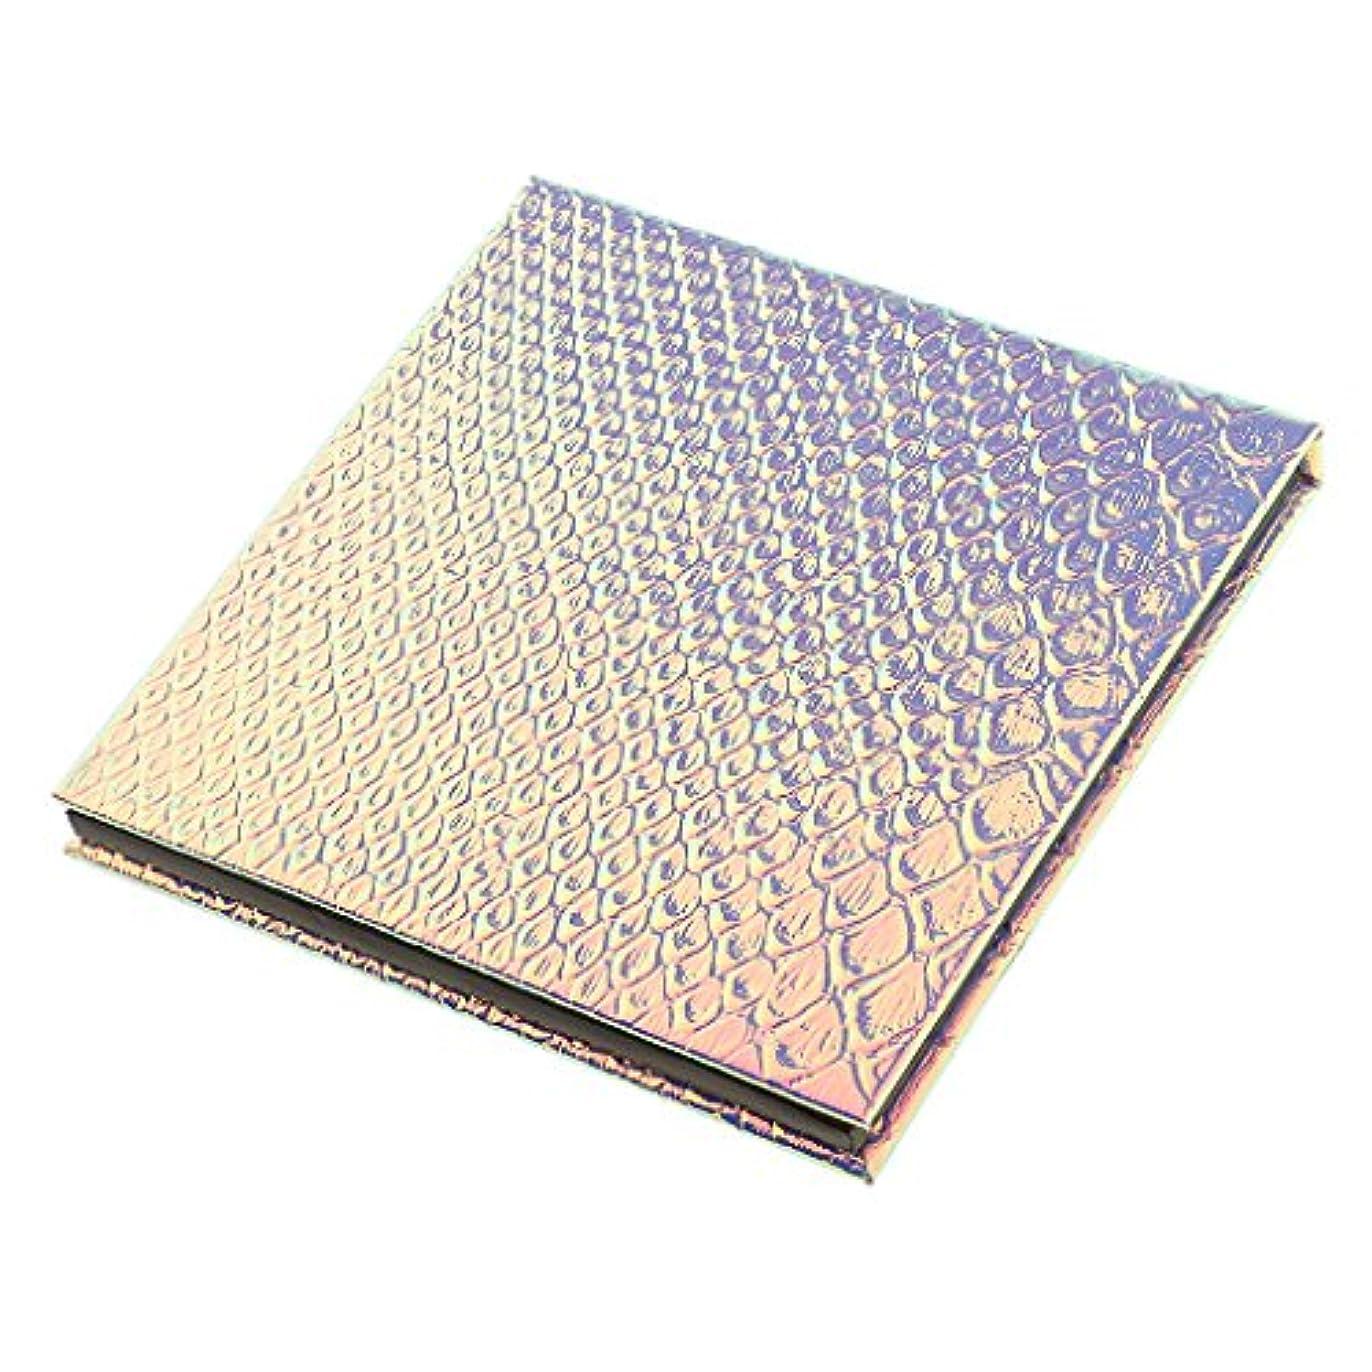 凝視ダーツ便利Baosity 磁気パレットボックス 空の磁気パレット メイクアップ 化粧 コスメ 収納 ボックス 全2サイズ選べ - 10x10cm